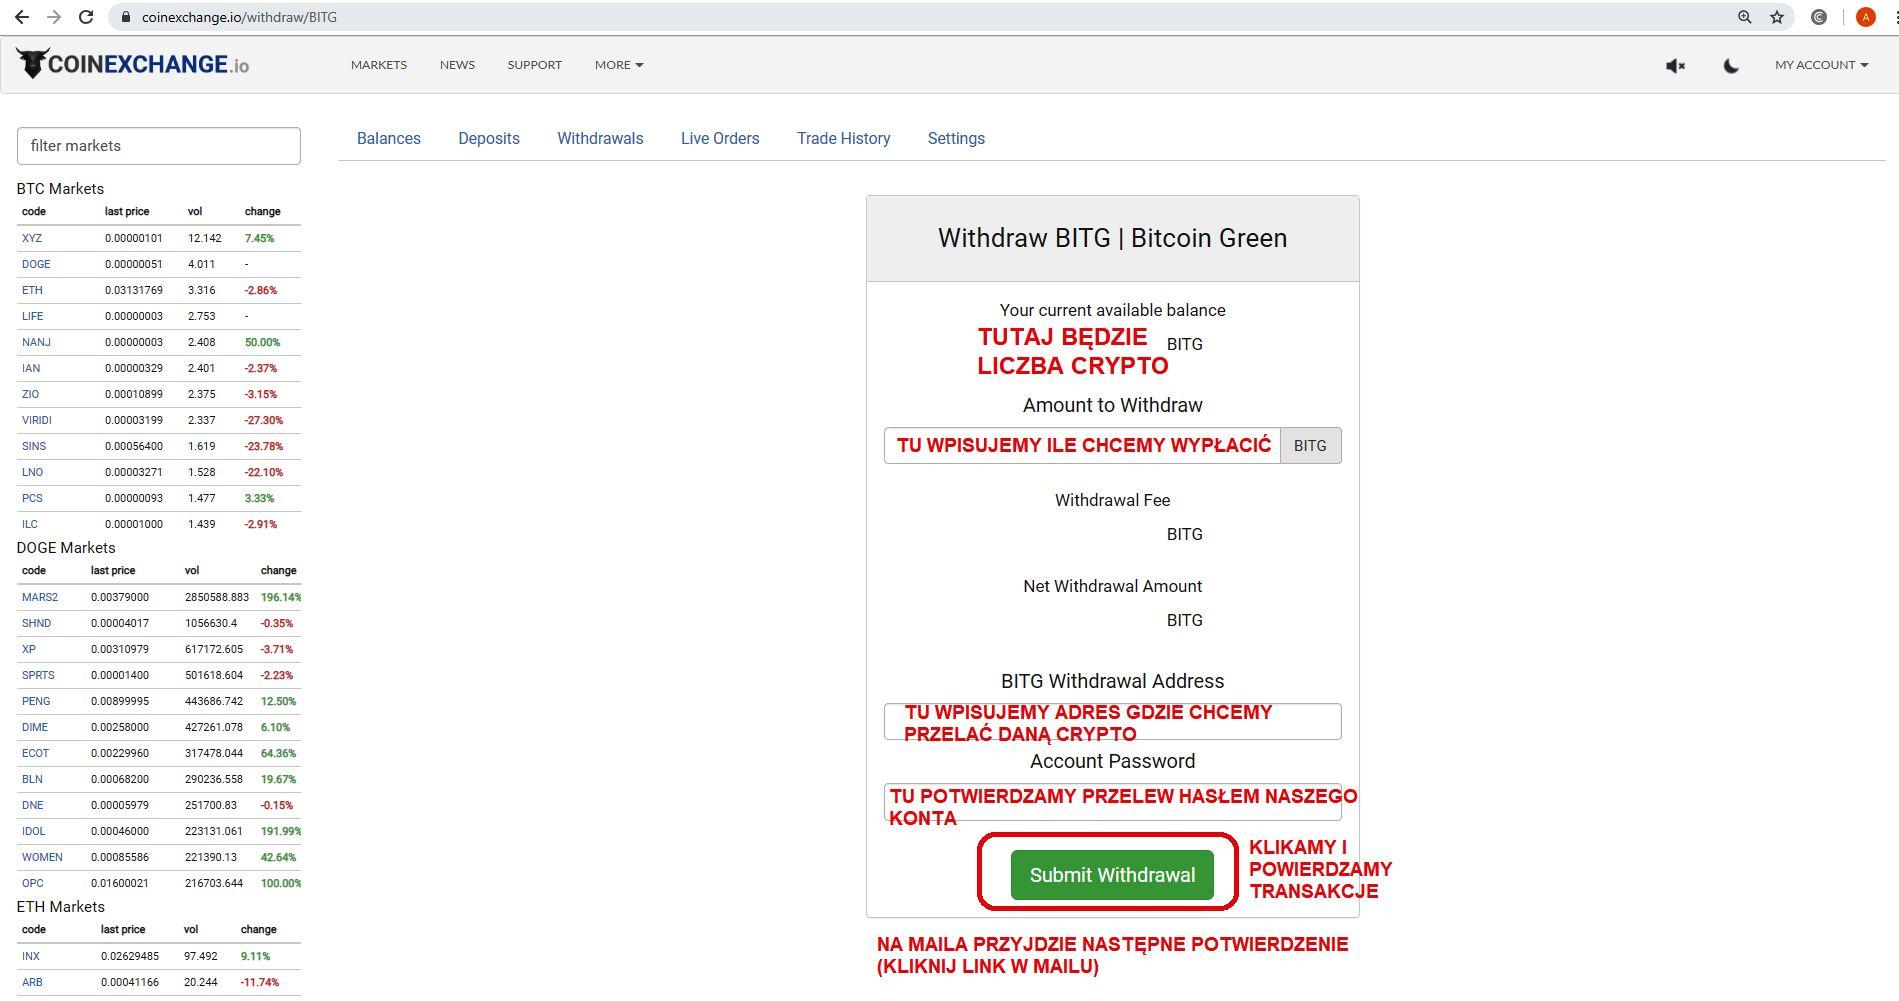 jak inwestować w kryptowaluty giełda coinexchange zakub Bitcoin Green Balance wypłata BITG 3